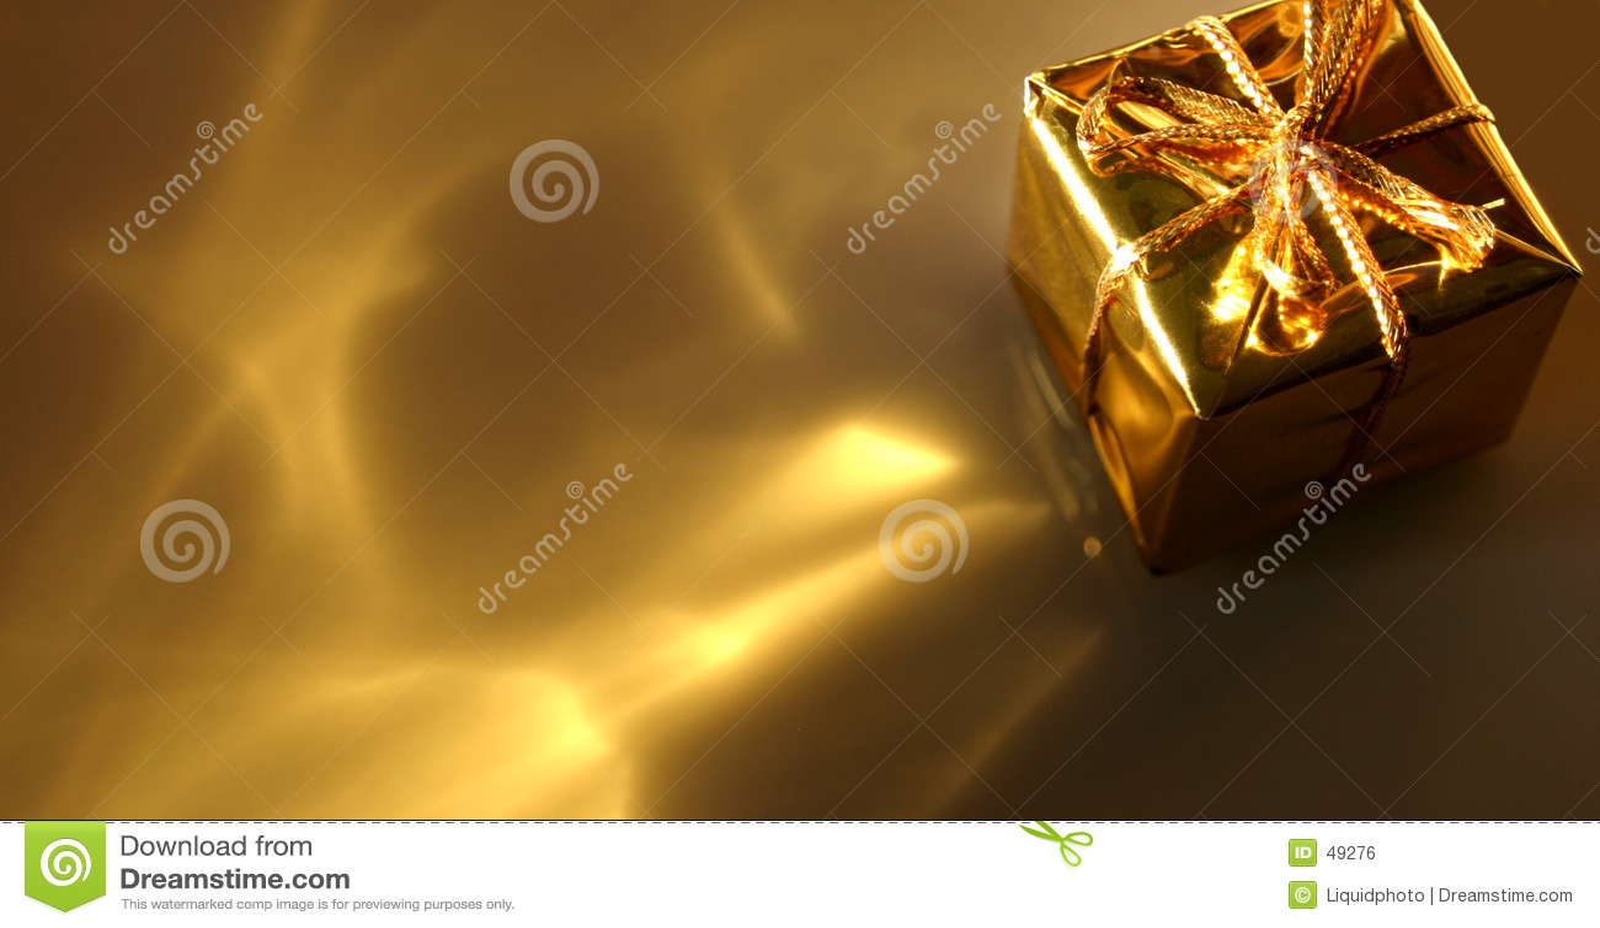 Abstrakcyjny prezent złota